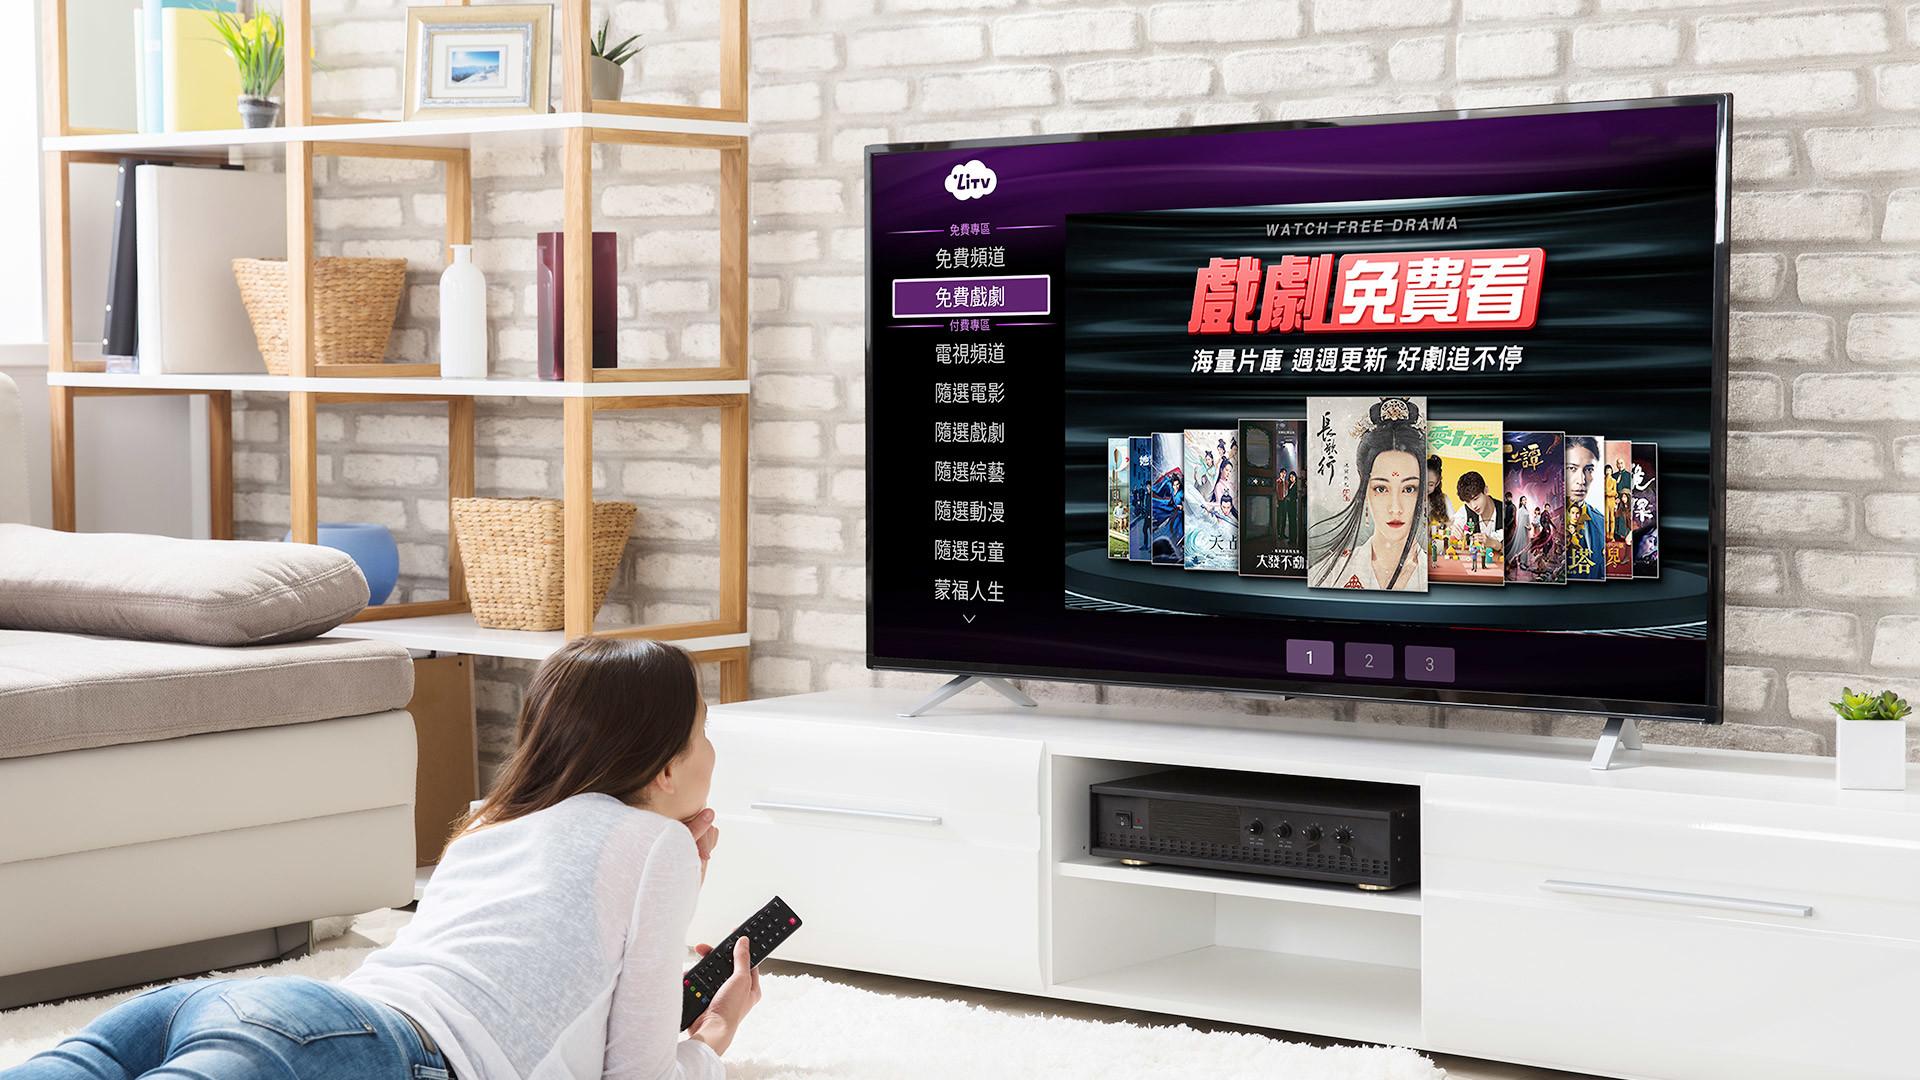 照片中提到了LiTV、免費専區、WATCH-FREE DRAMA,跟埃海姆有關,包含了TCL C2US、TCL C2US、蘋果電視、遙控、電視遙控器